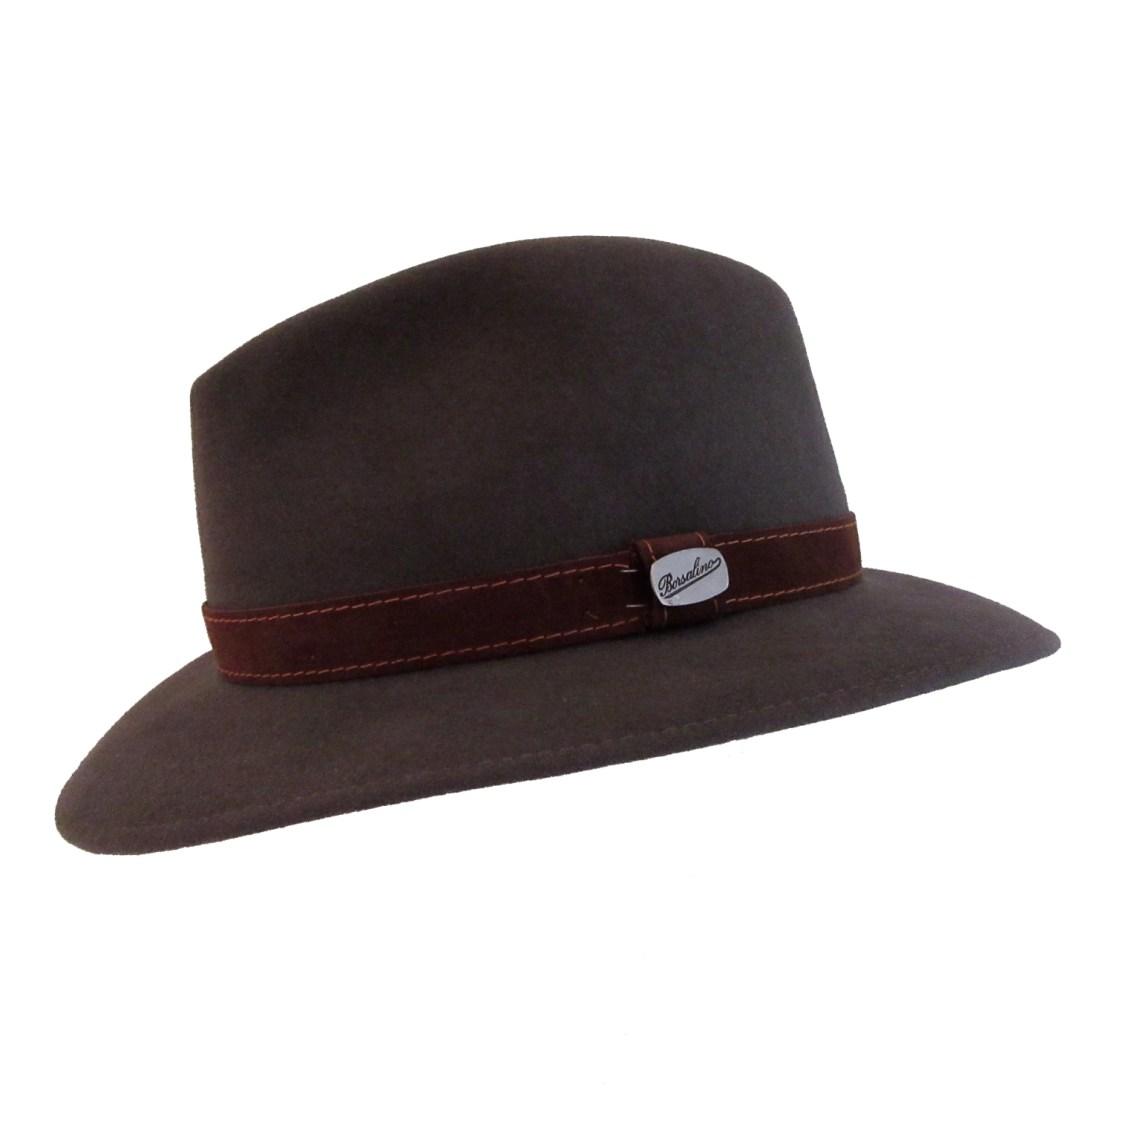 Borsalino Marco Fur Felt Fedora Holland Hats fe526e684e1